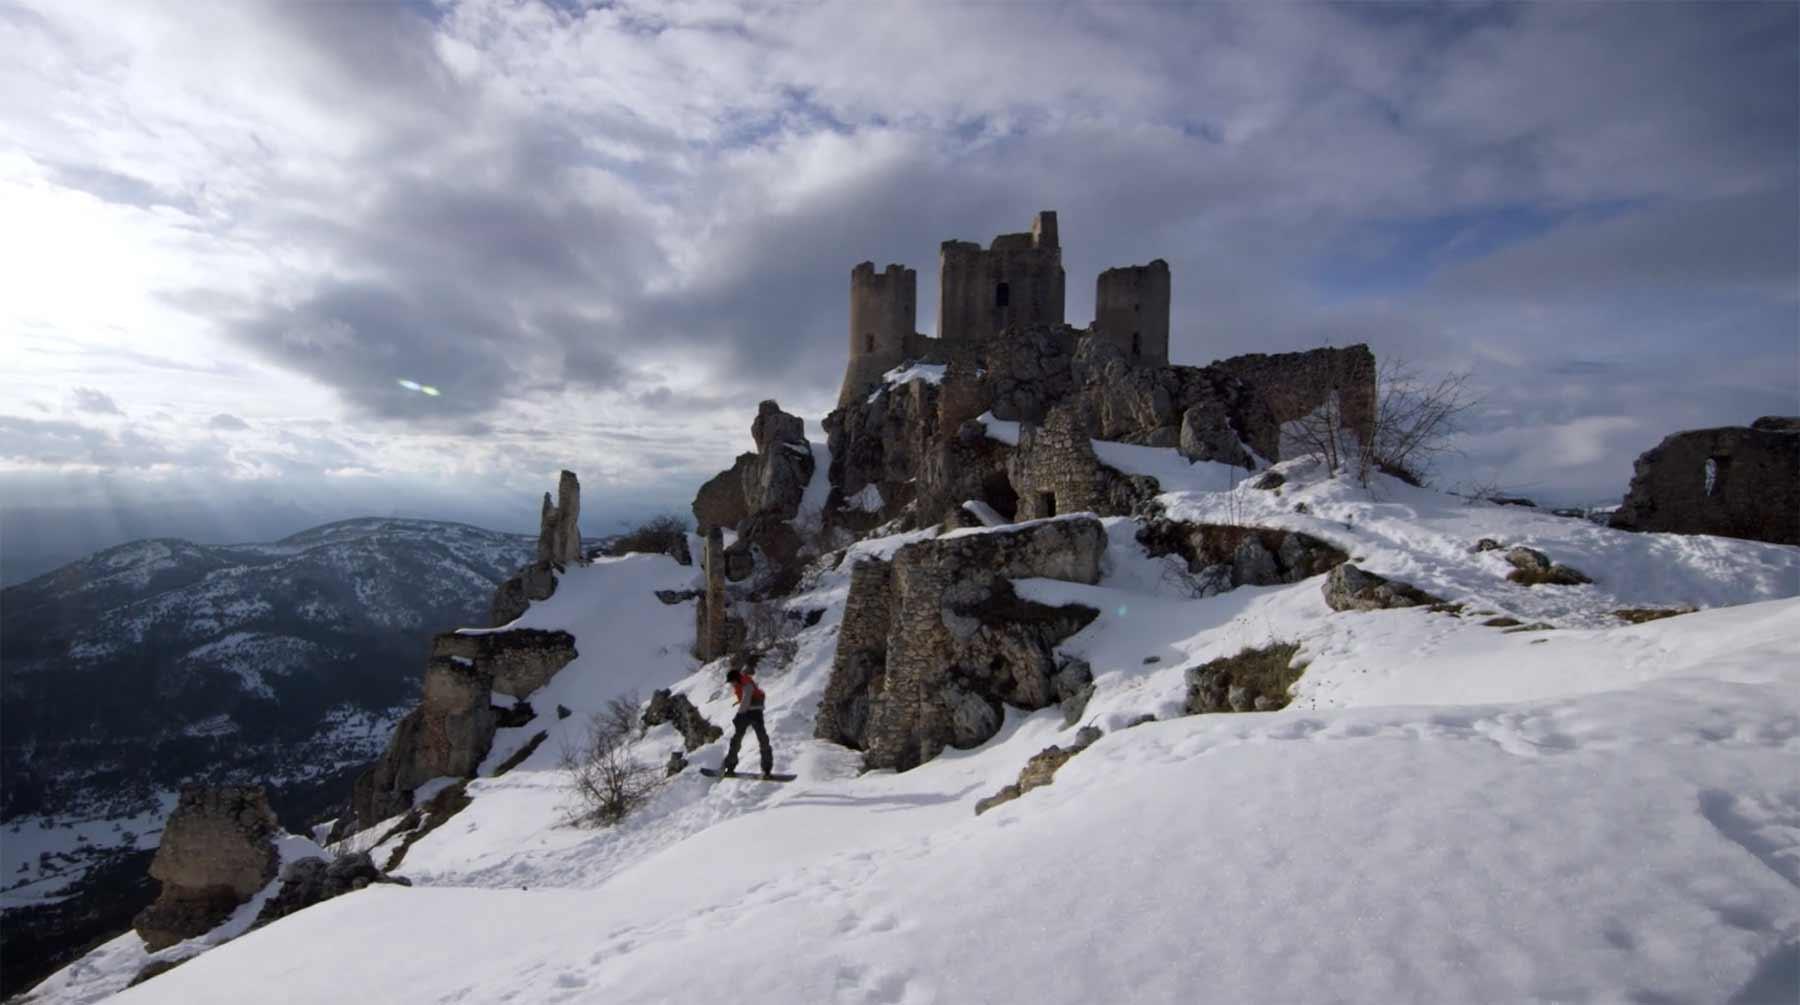 Durch verschneite Ruinen Snowboarden Gigi-Ruef_-As-the-Crow-Flies